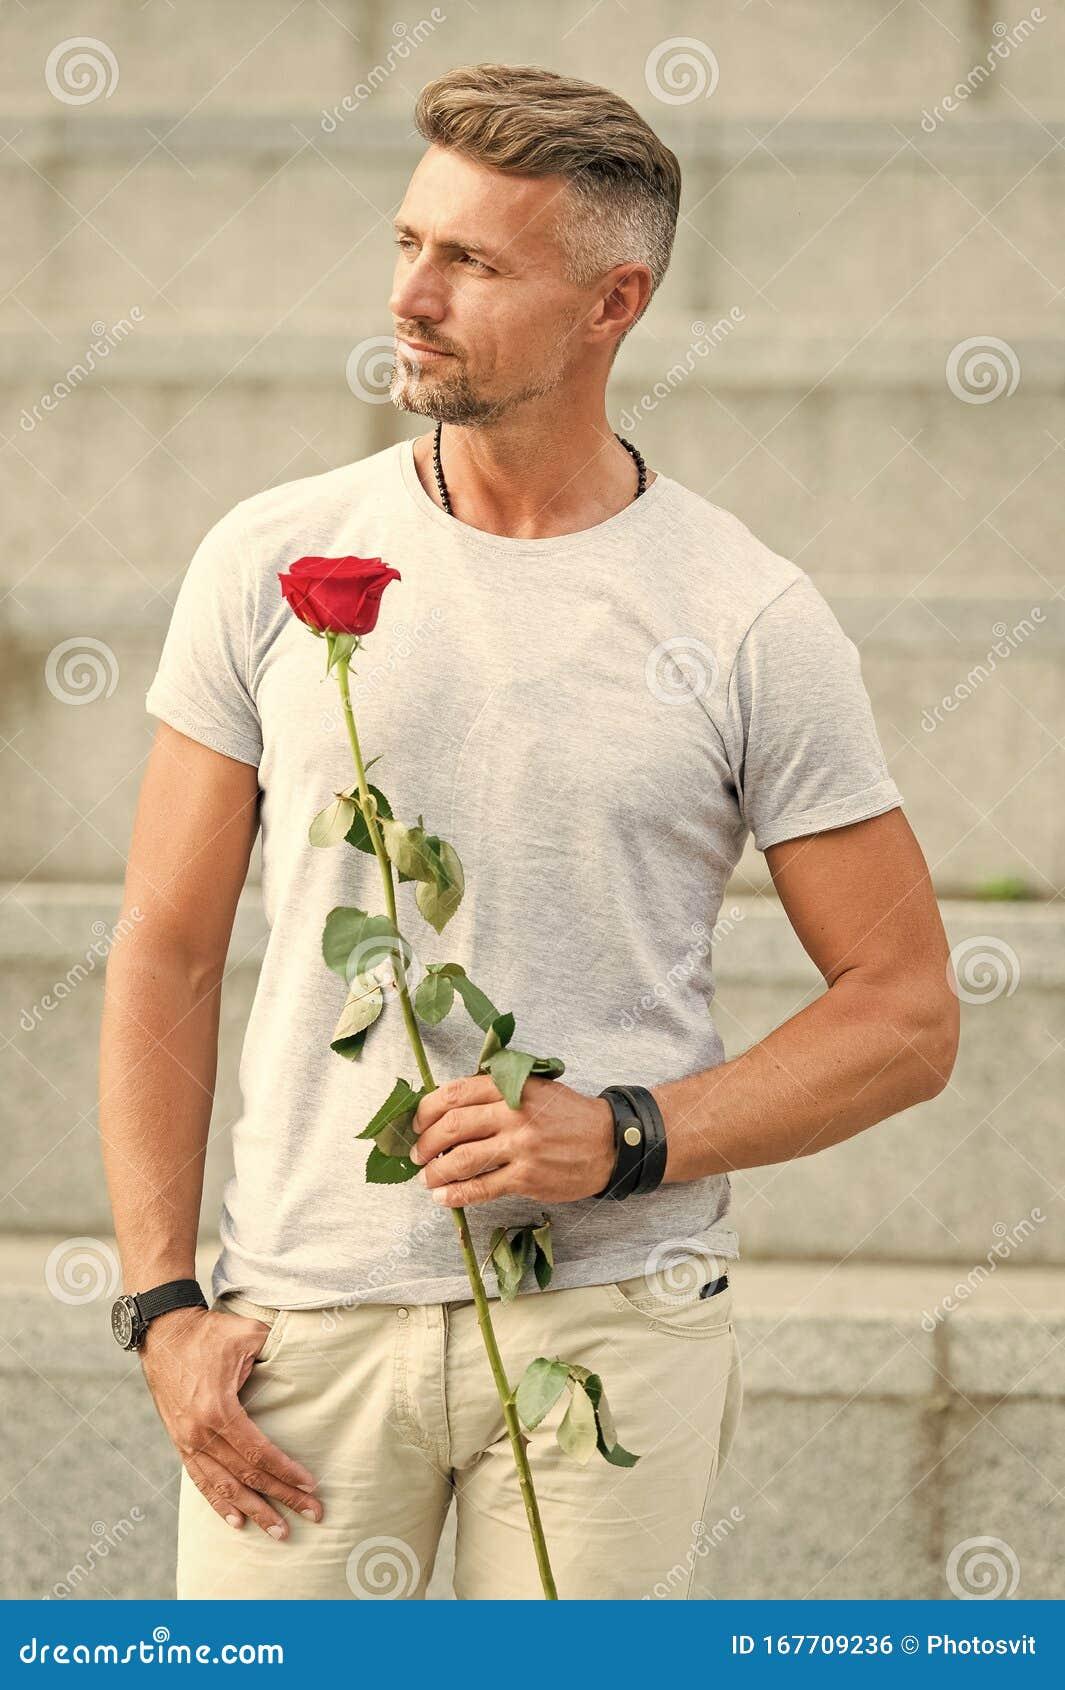 Dating Man Flower un bărbat din Timișoara cauta femei din Reșița